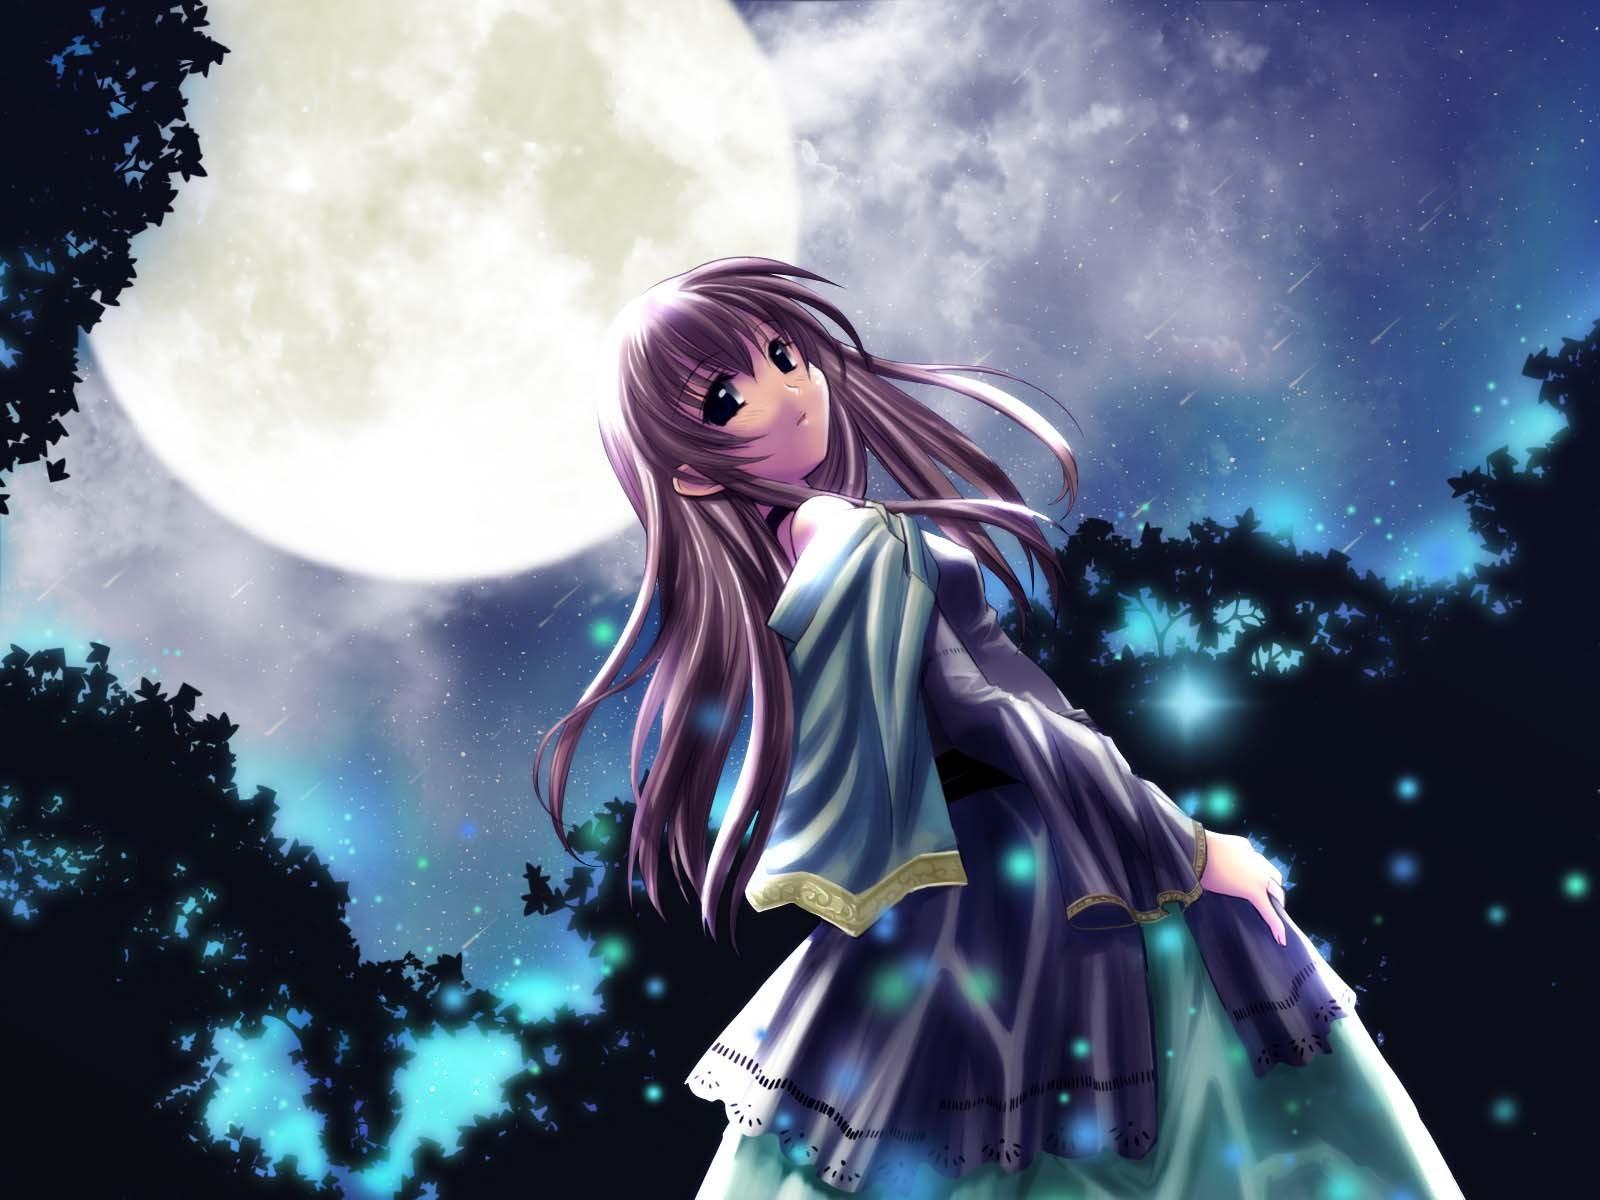 Cute Anime Wallpapers HD | PixelsTalk.Net